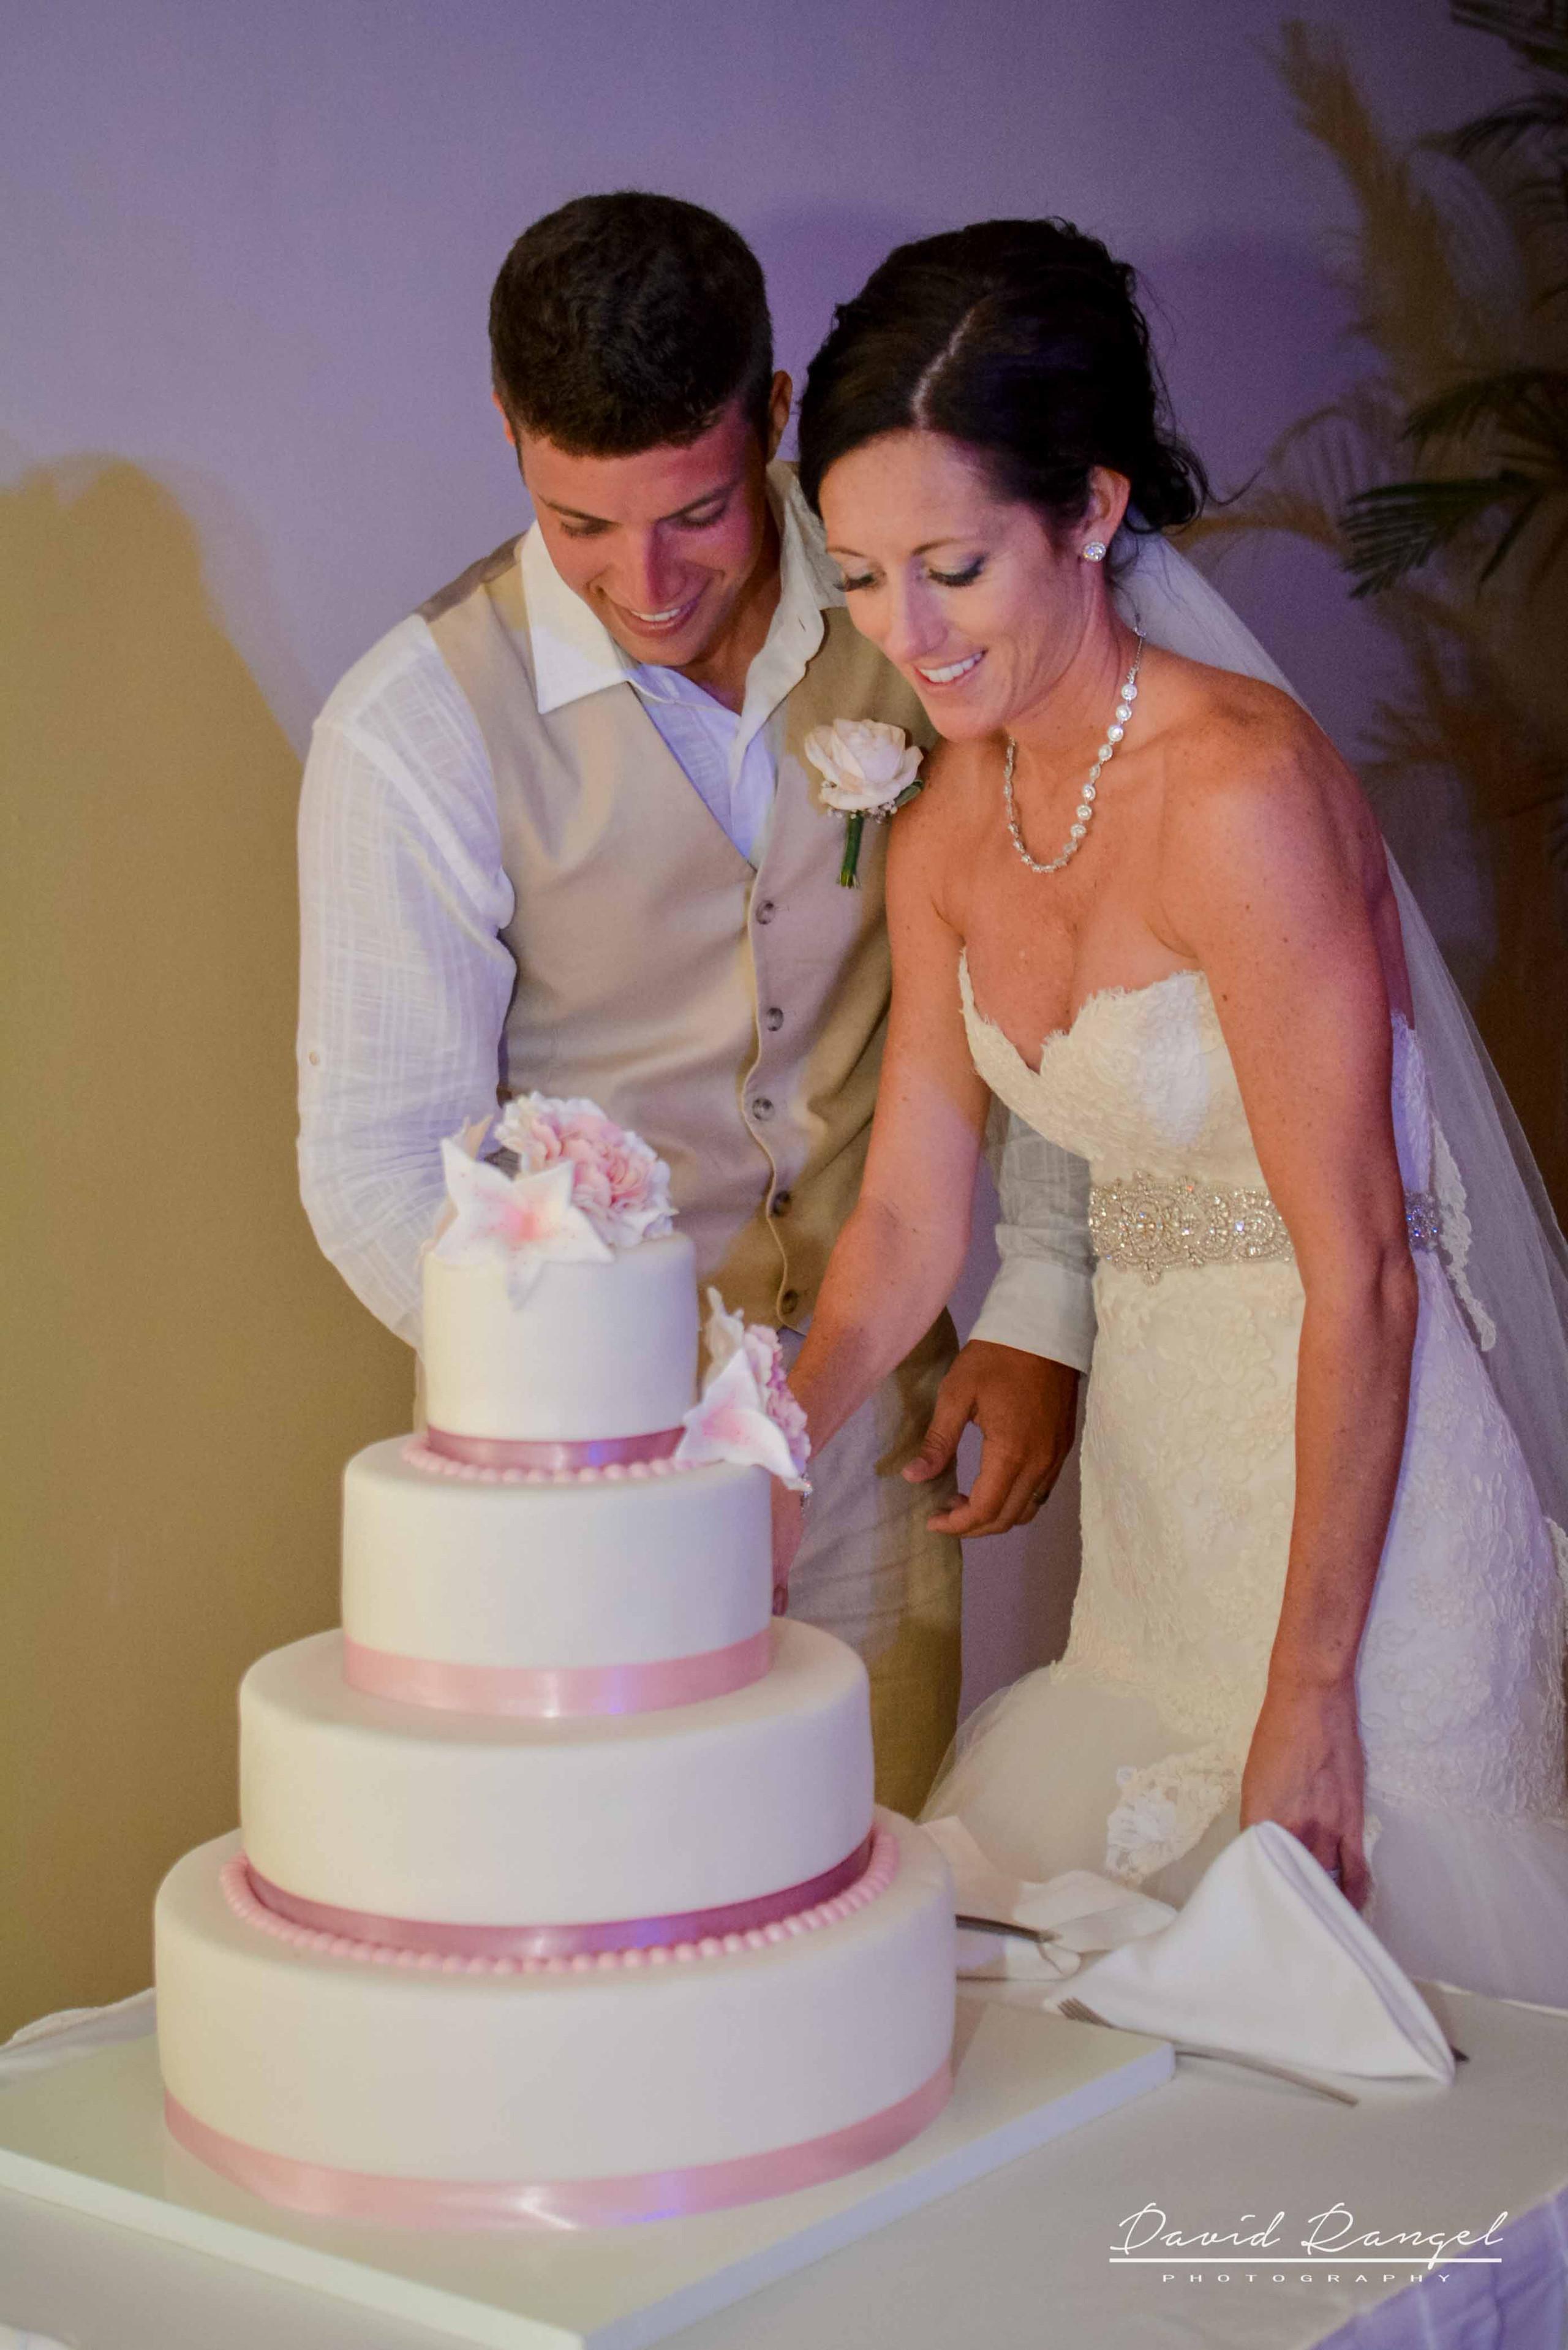 cake+cutting